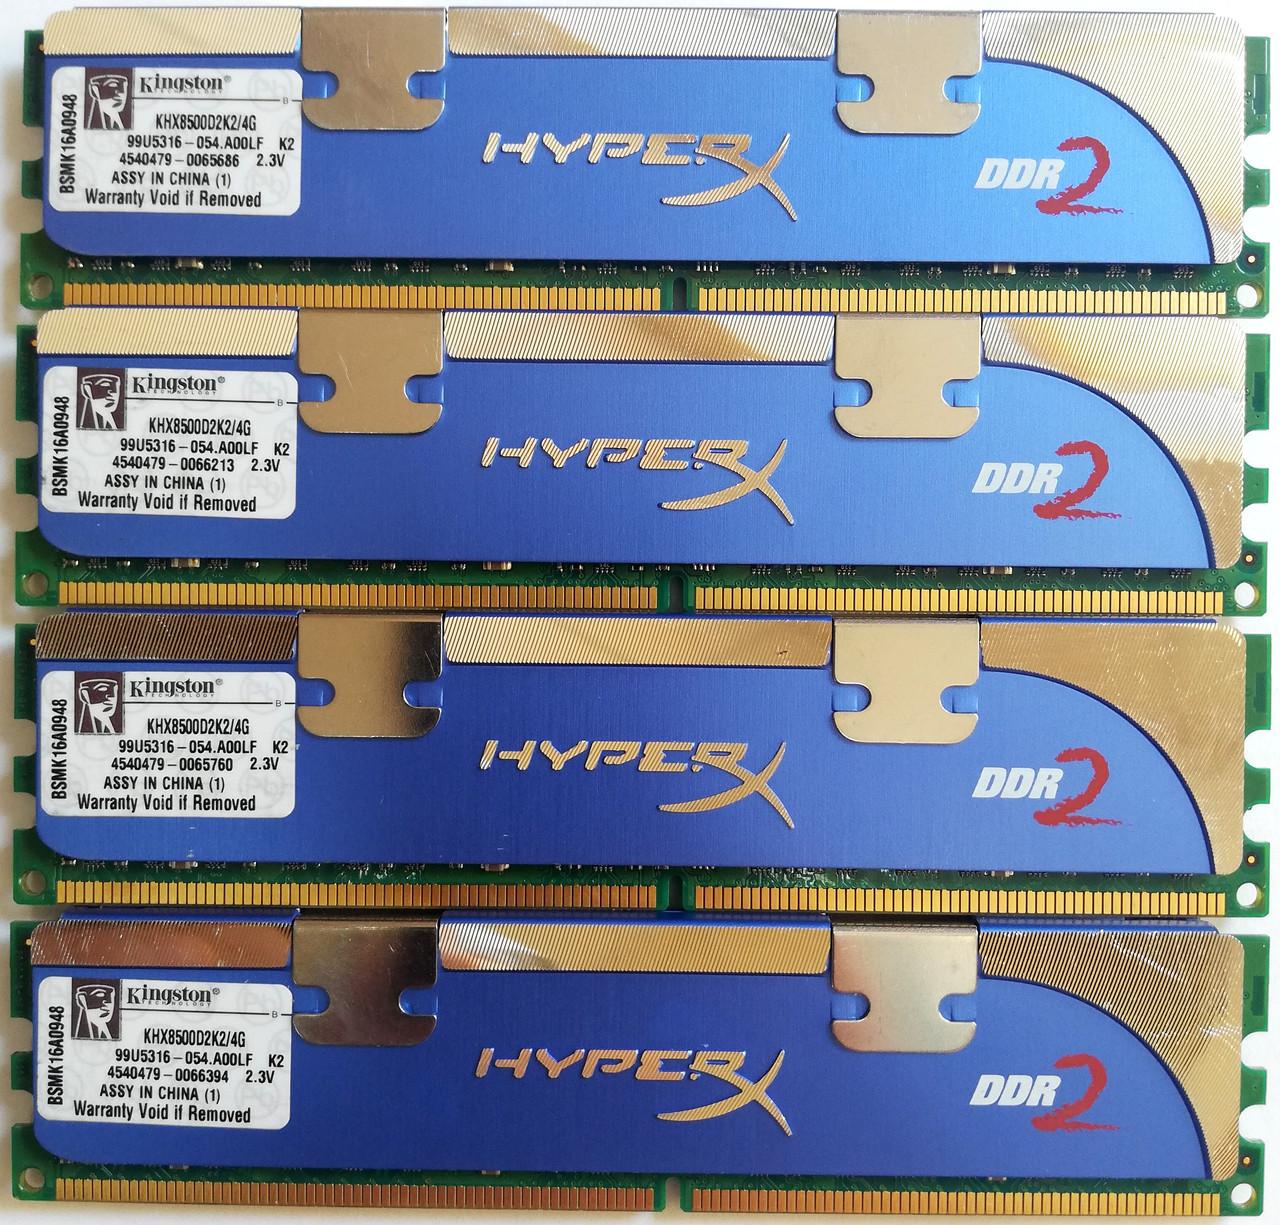 Комплект оперативной памяти Kingston HyperX DDR2 8Gb (4*2Gb) 1066MHz 8500U CL5 (KHX8500D2K2/4G) Б/У